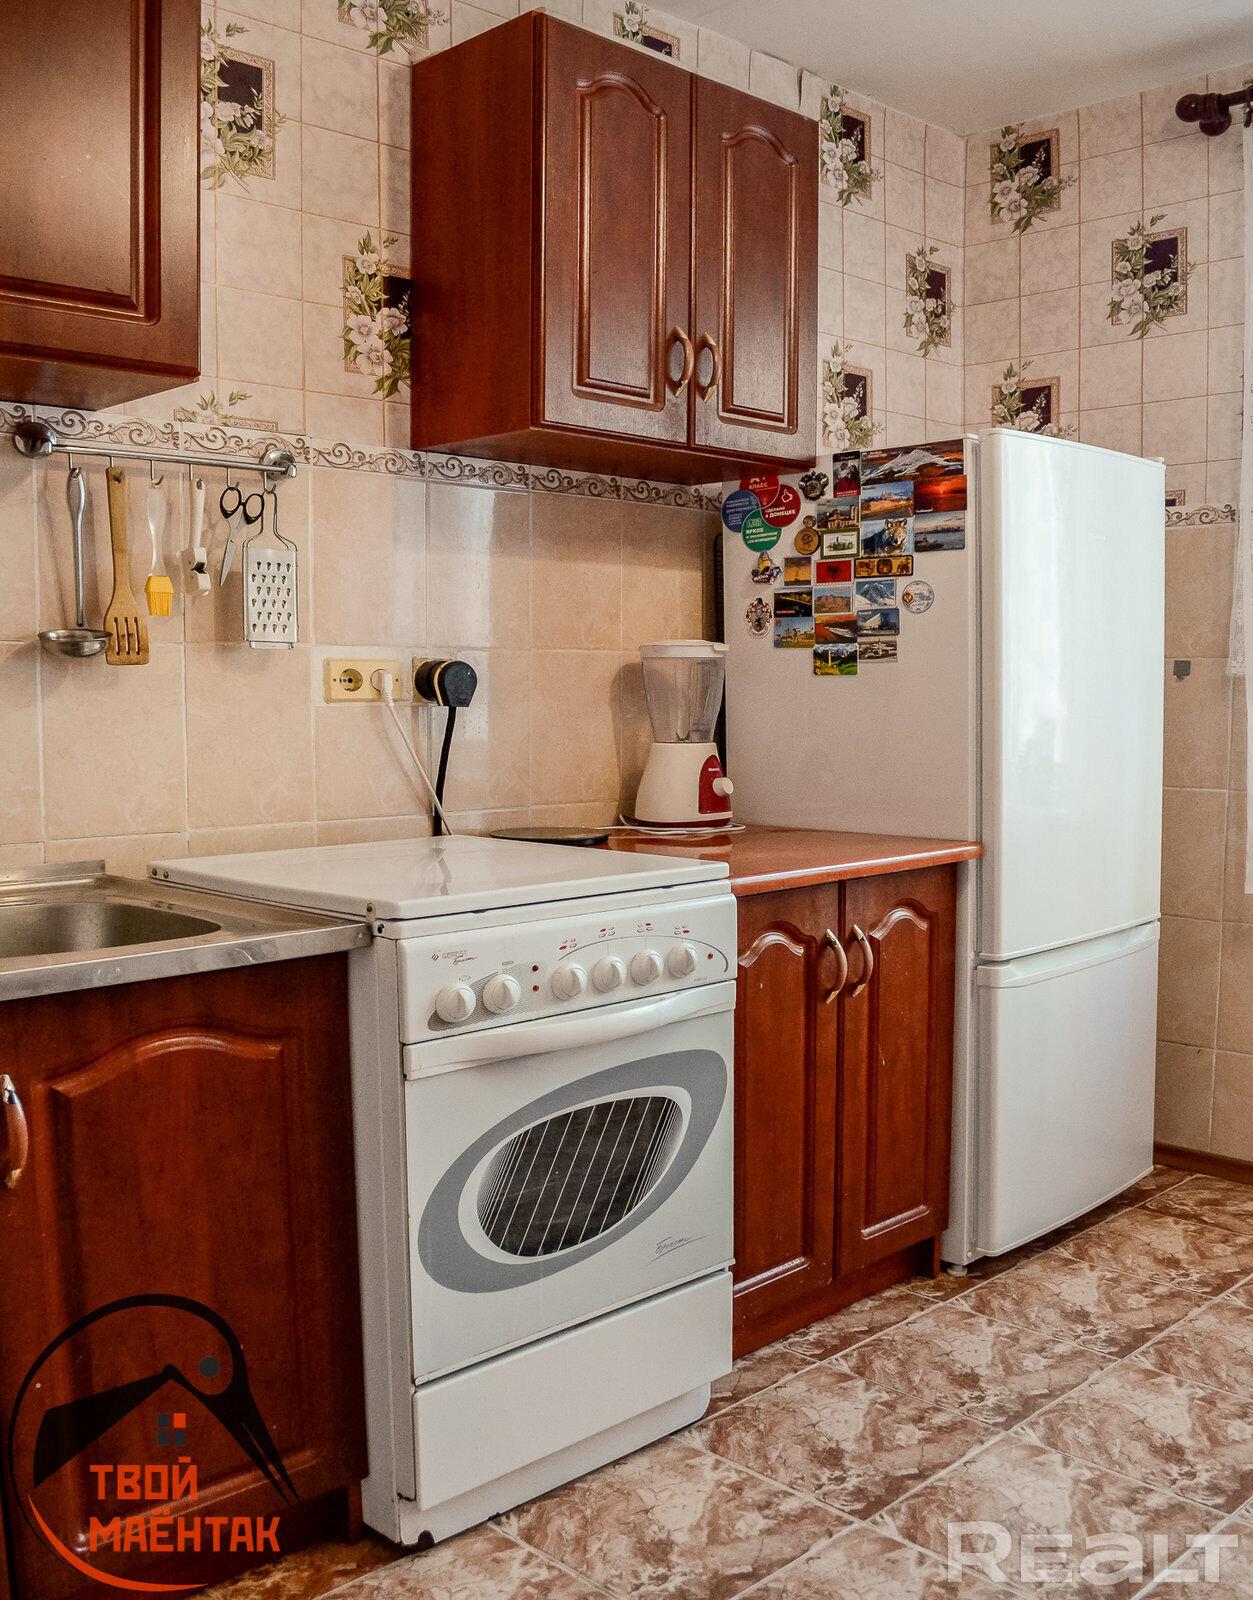 Продается 1 комнатная квартира, ул. Лучины д.46 - фото №8